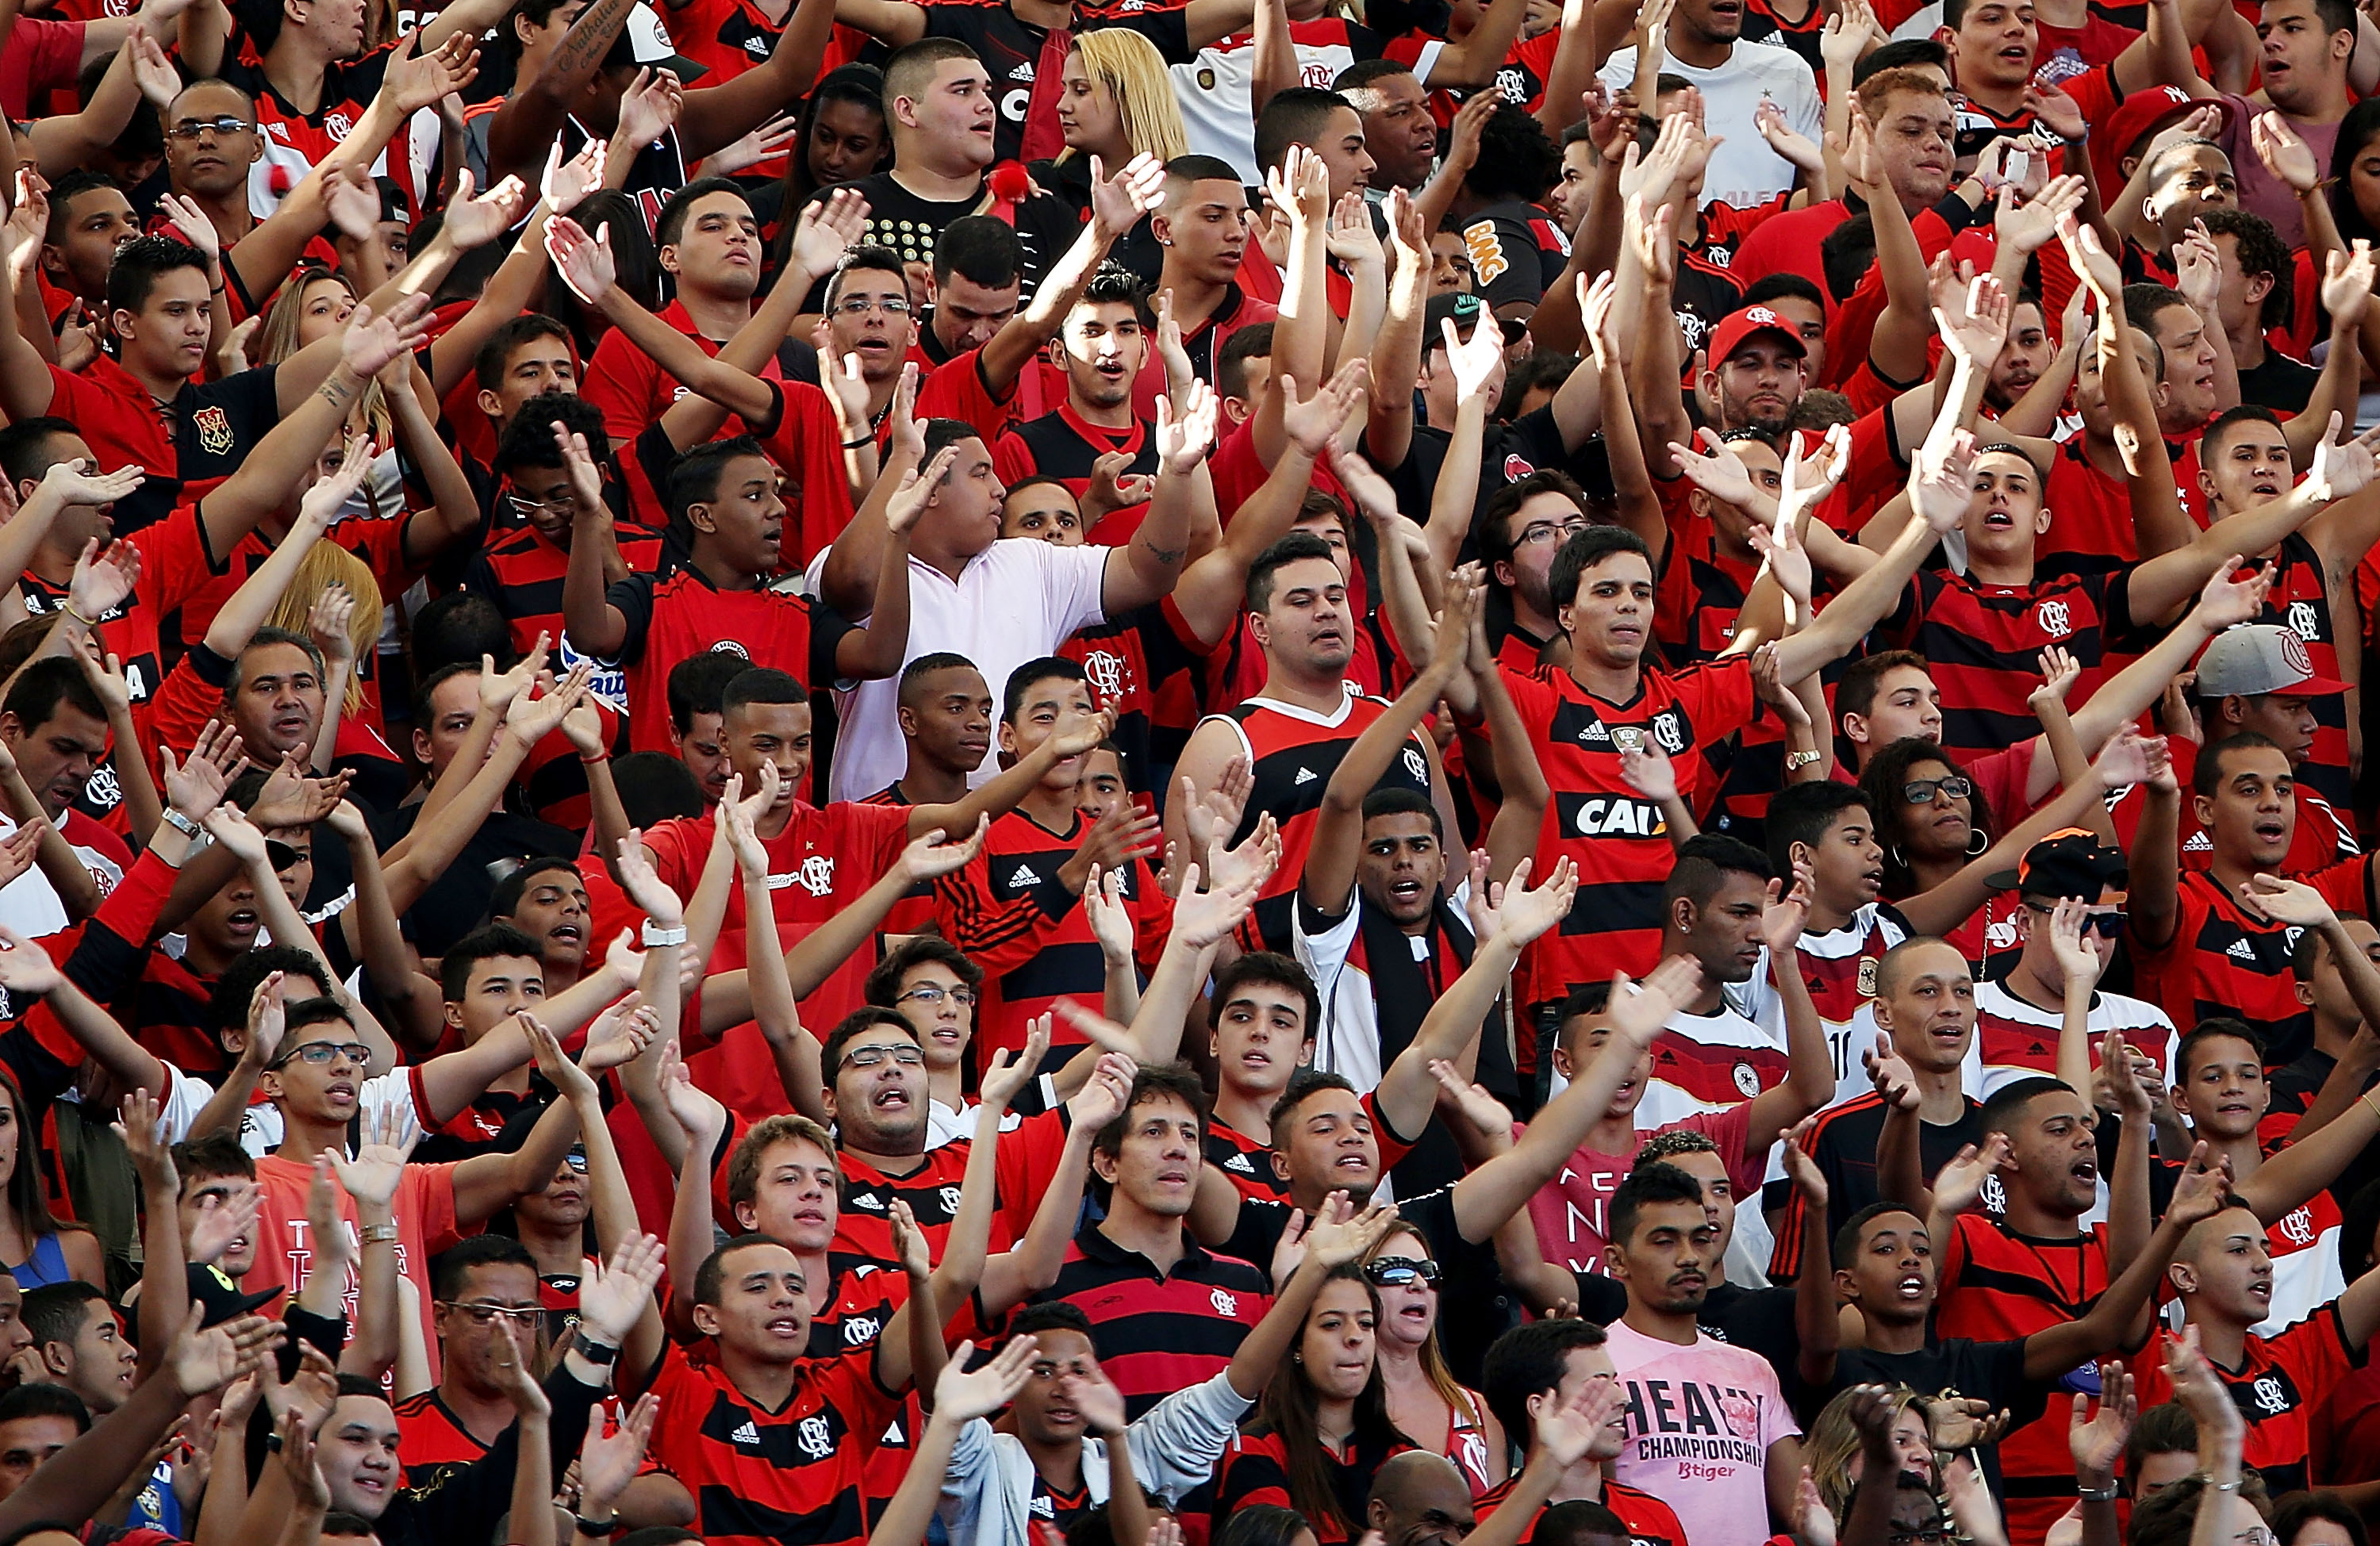 Flamengo has a rabid fan base.